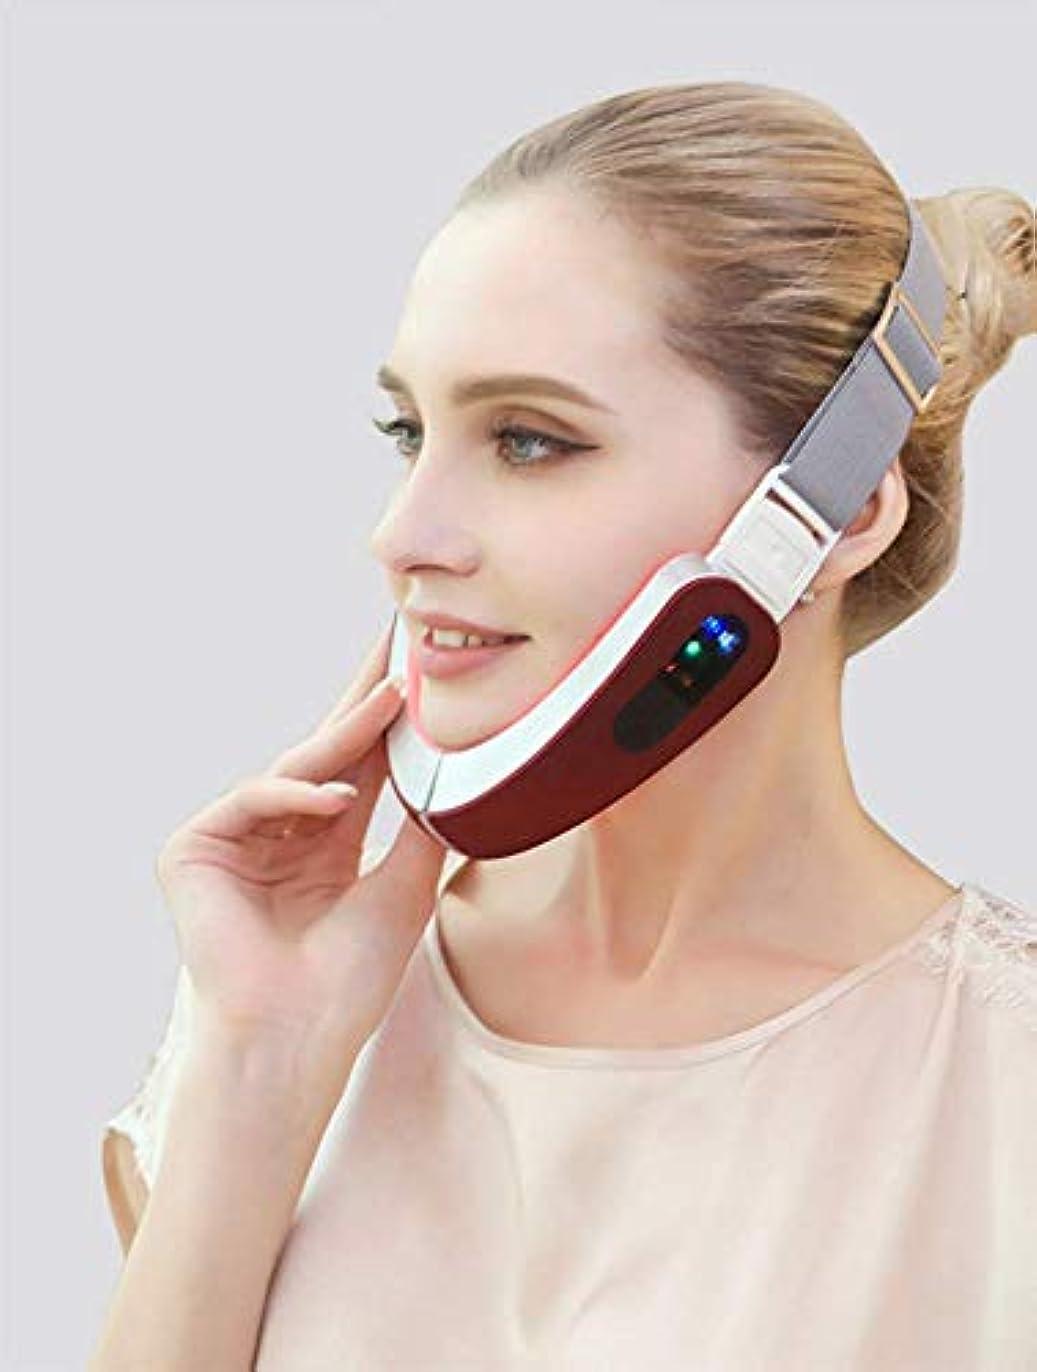 どれでもつぼみ通知Lquide Mart Voice Thin Face Artifact Small V Face Bandage Firming Facial Beauty Bar Rejuvenation Massage Instrument...